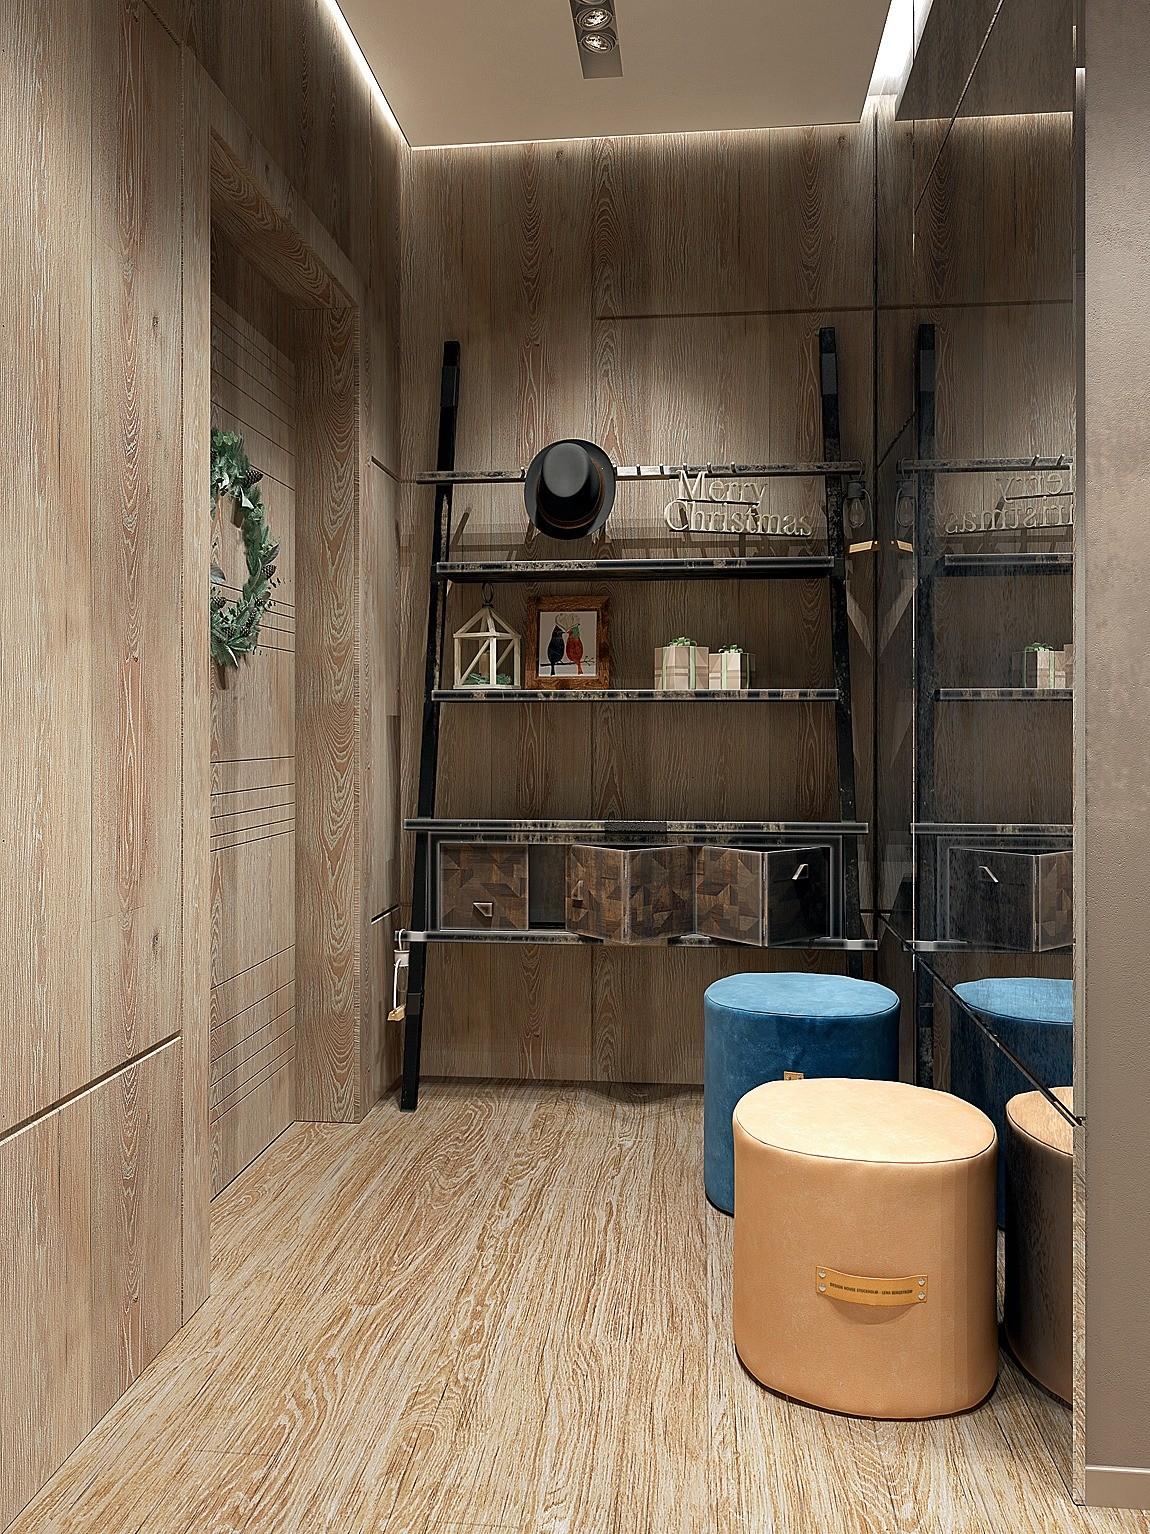 В небольшом пространстве отделка единым материалом стирает границы стен, пола, дверей